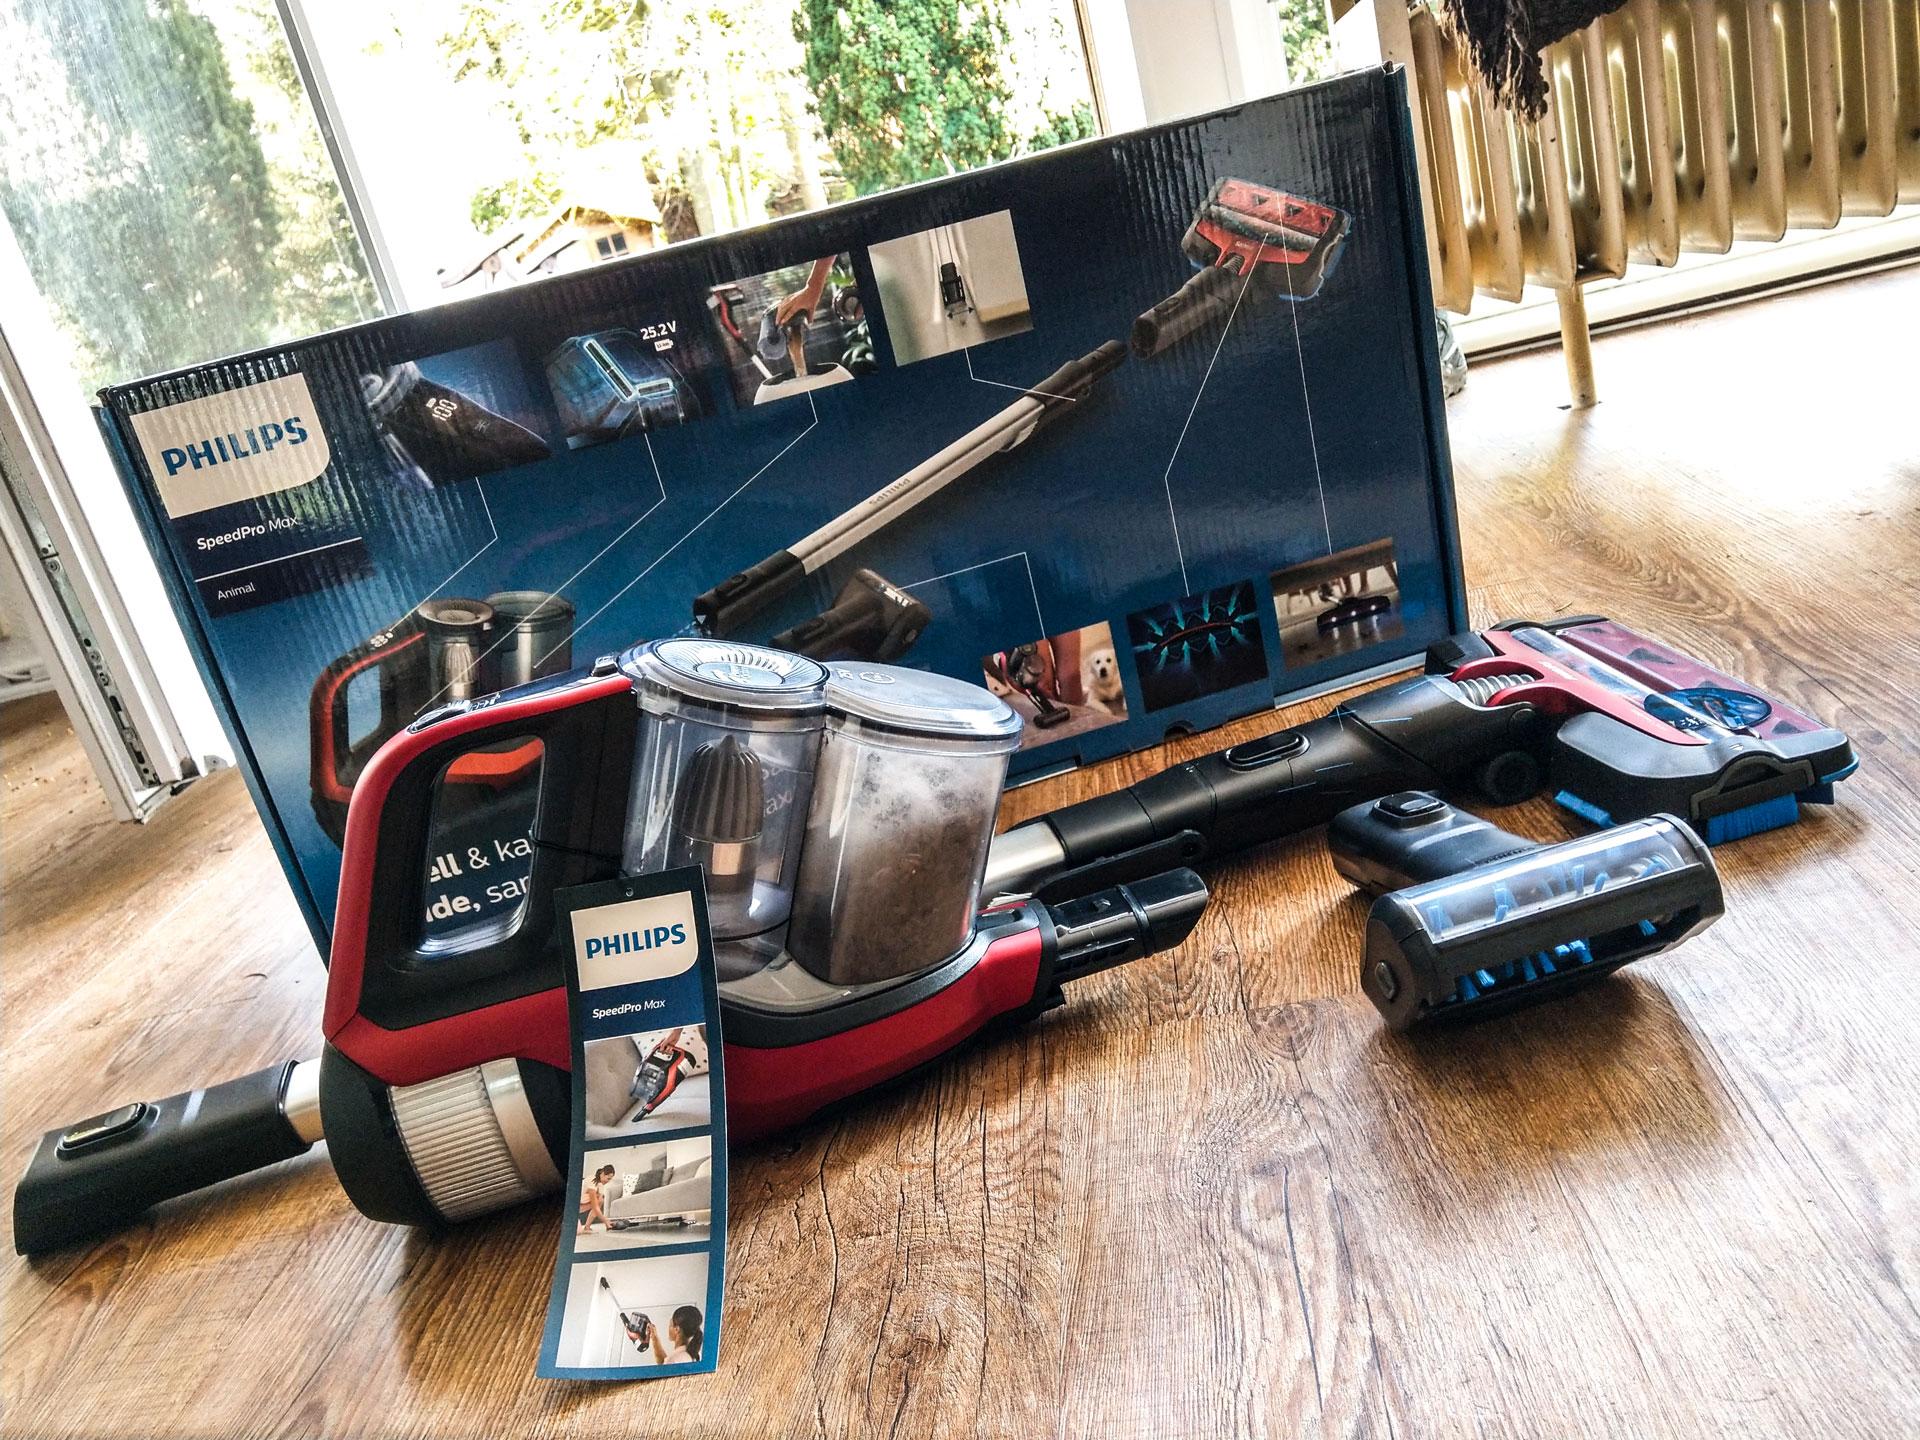 Philips SpeedPro Max - Staubsauger - FC6823